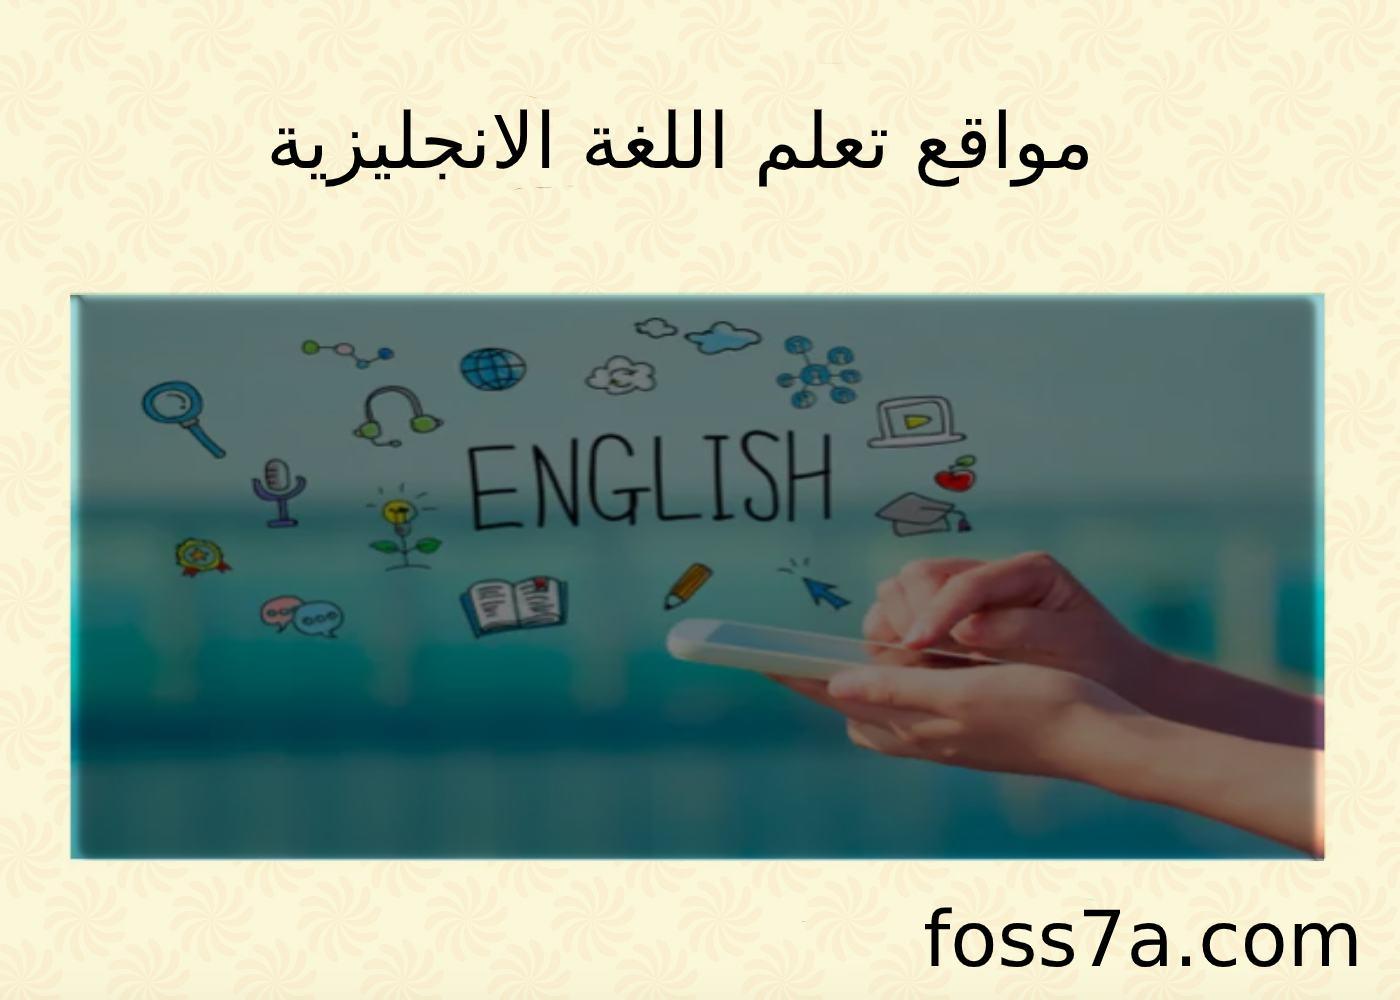 مواقع تعلم اللغة الانجليزية